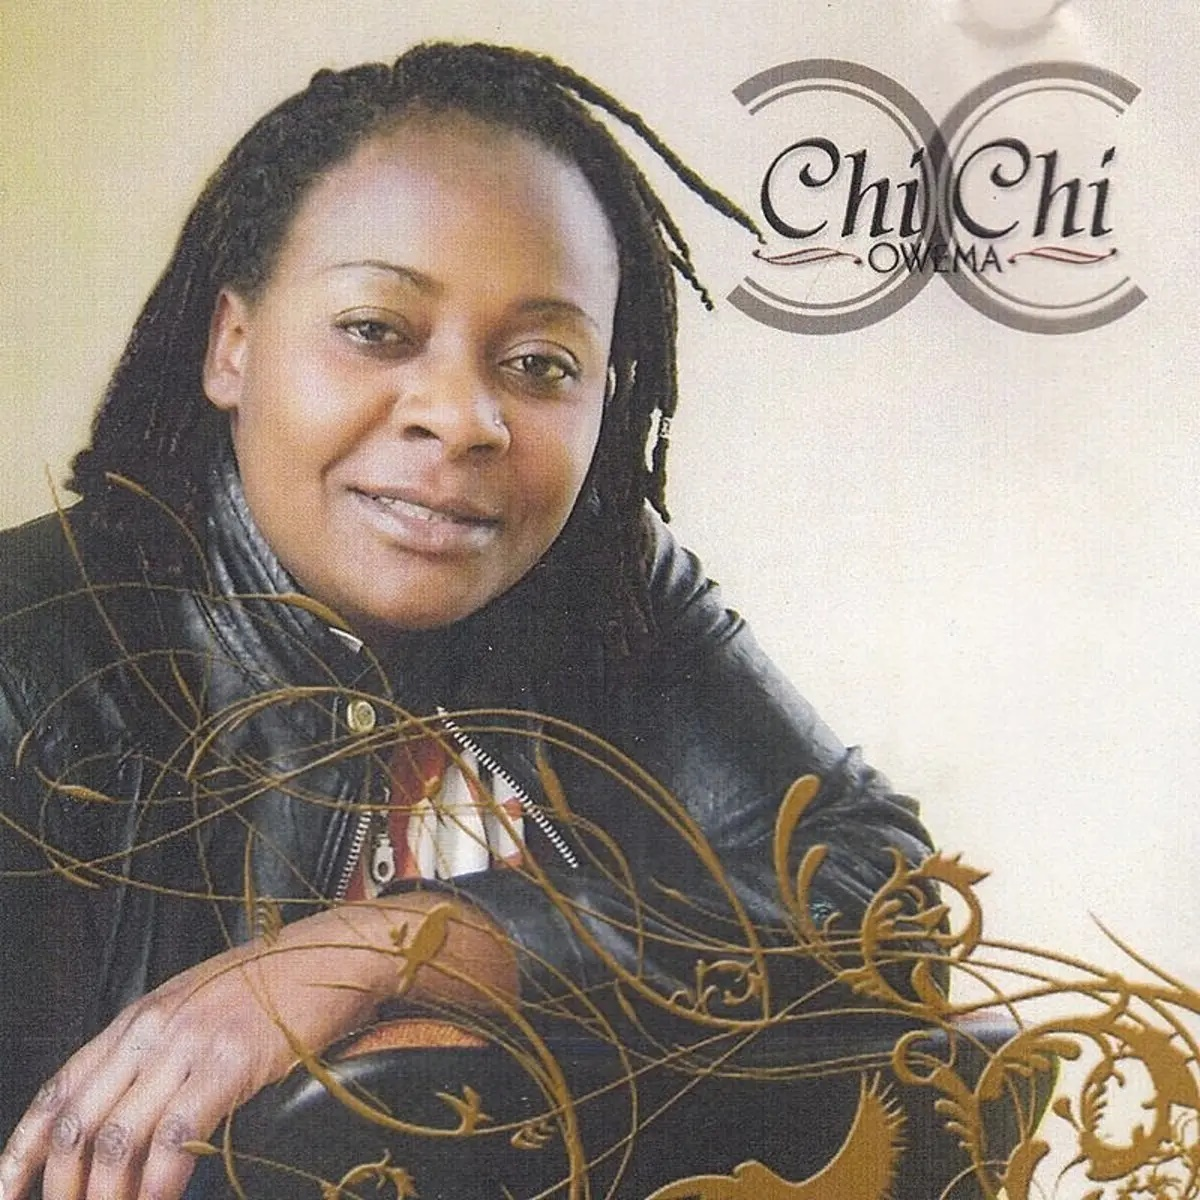 Chichi Owema